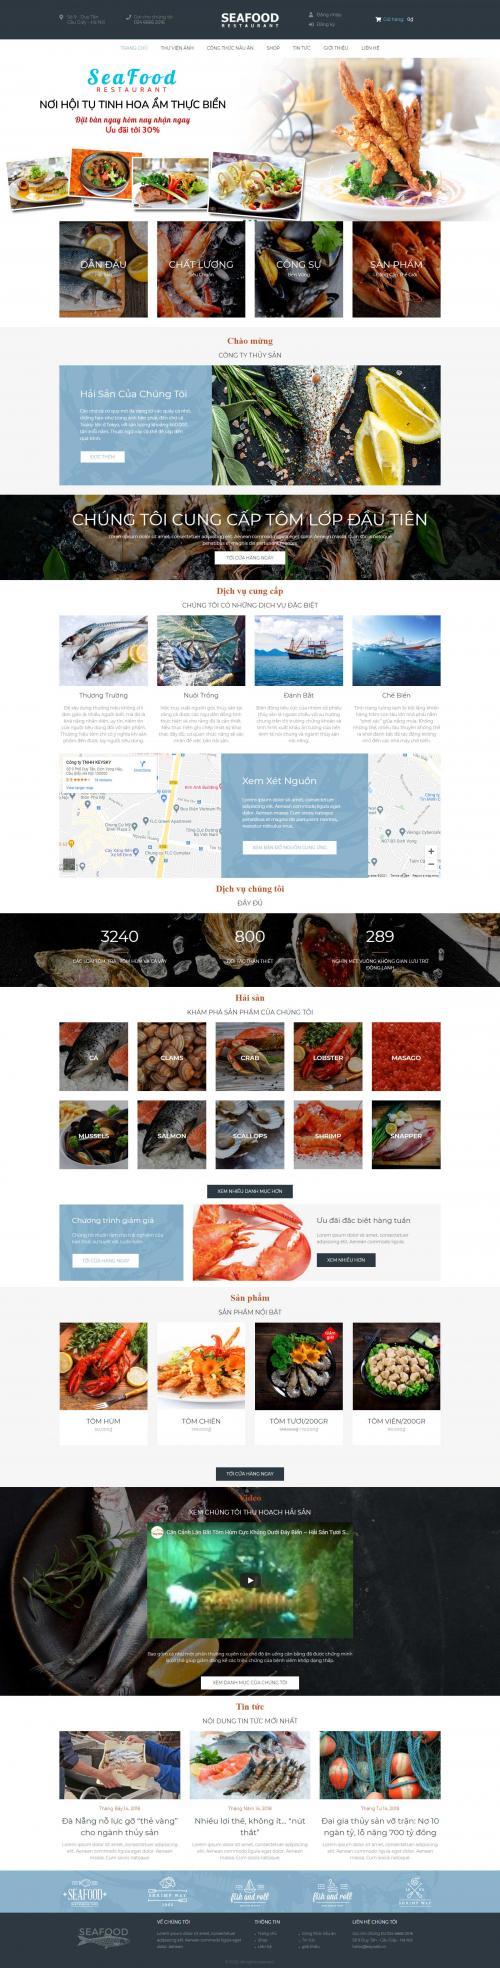 Hải sản seafood